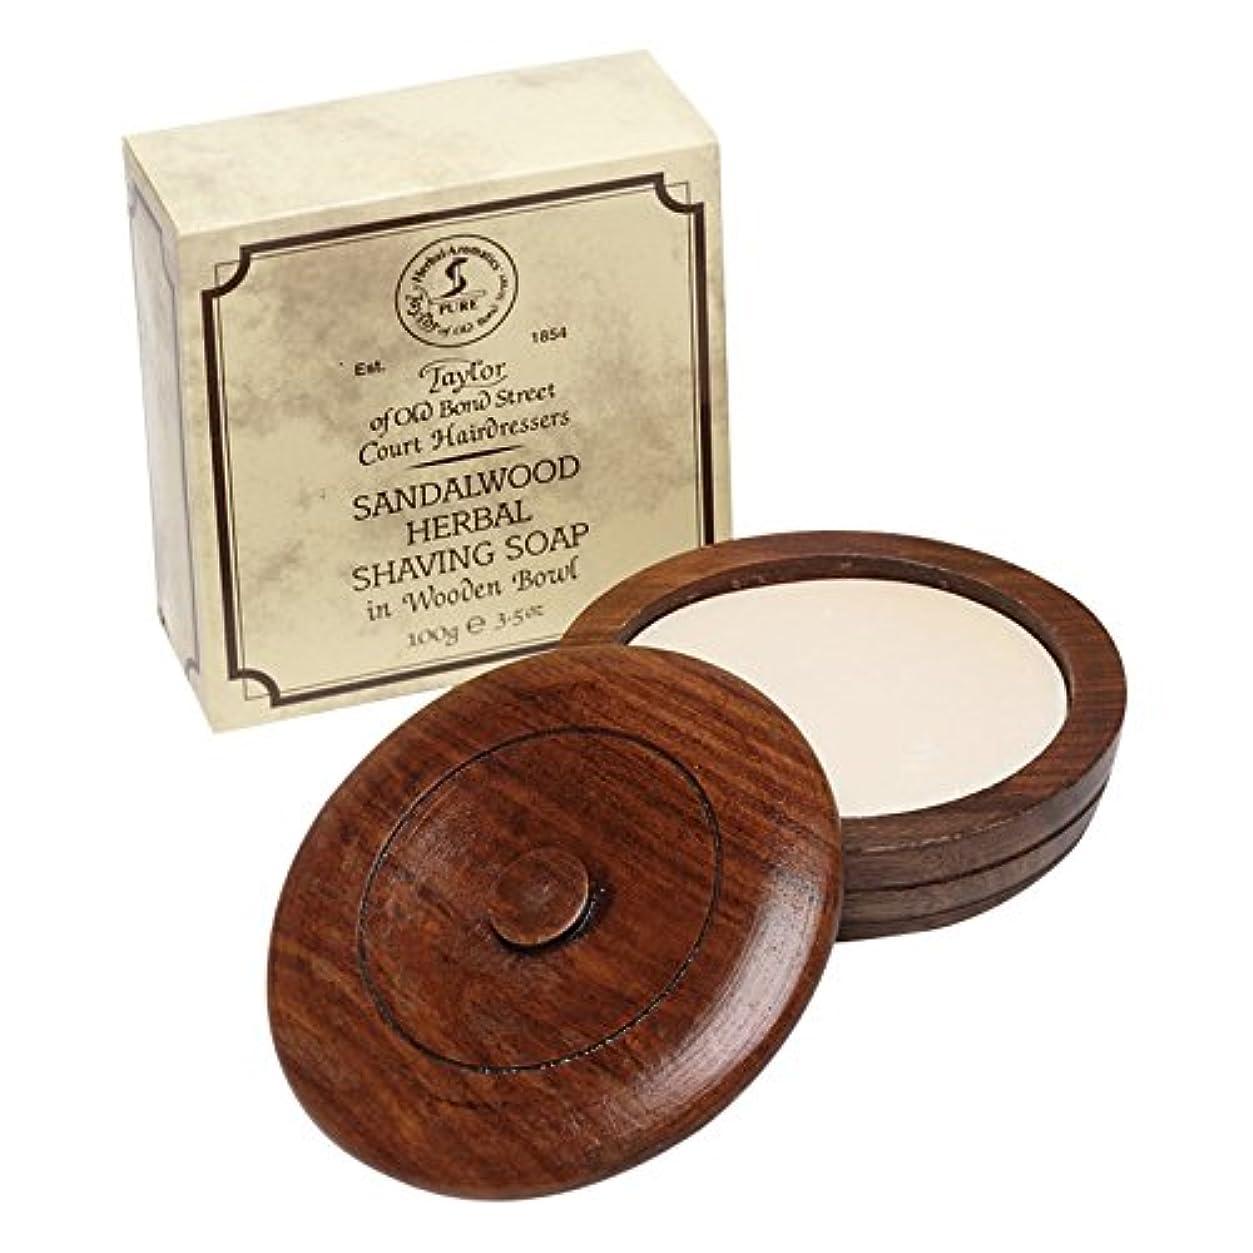 母場所品木製のボウル100グラム古いボンド?ストリート白檀シェービングソープのテイラー (Taylor of Old Bond Street) - Taylor of Old Bond Street Sandalwood Shaving Soap with Wooden Bowl 100g [並行輸入品]